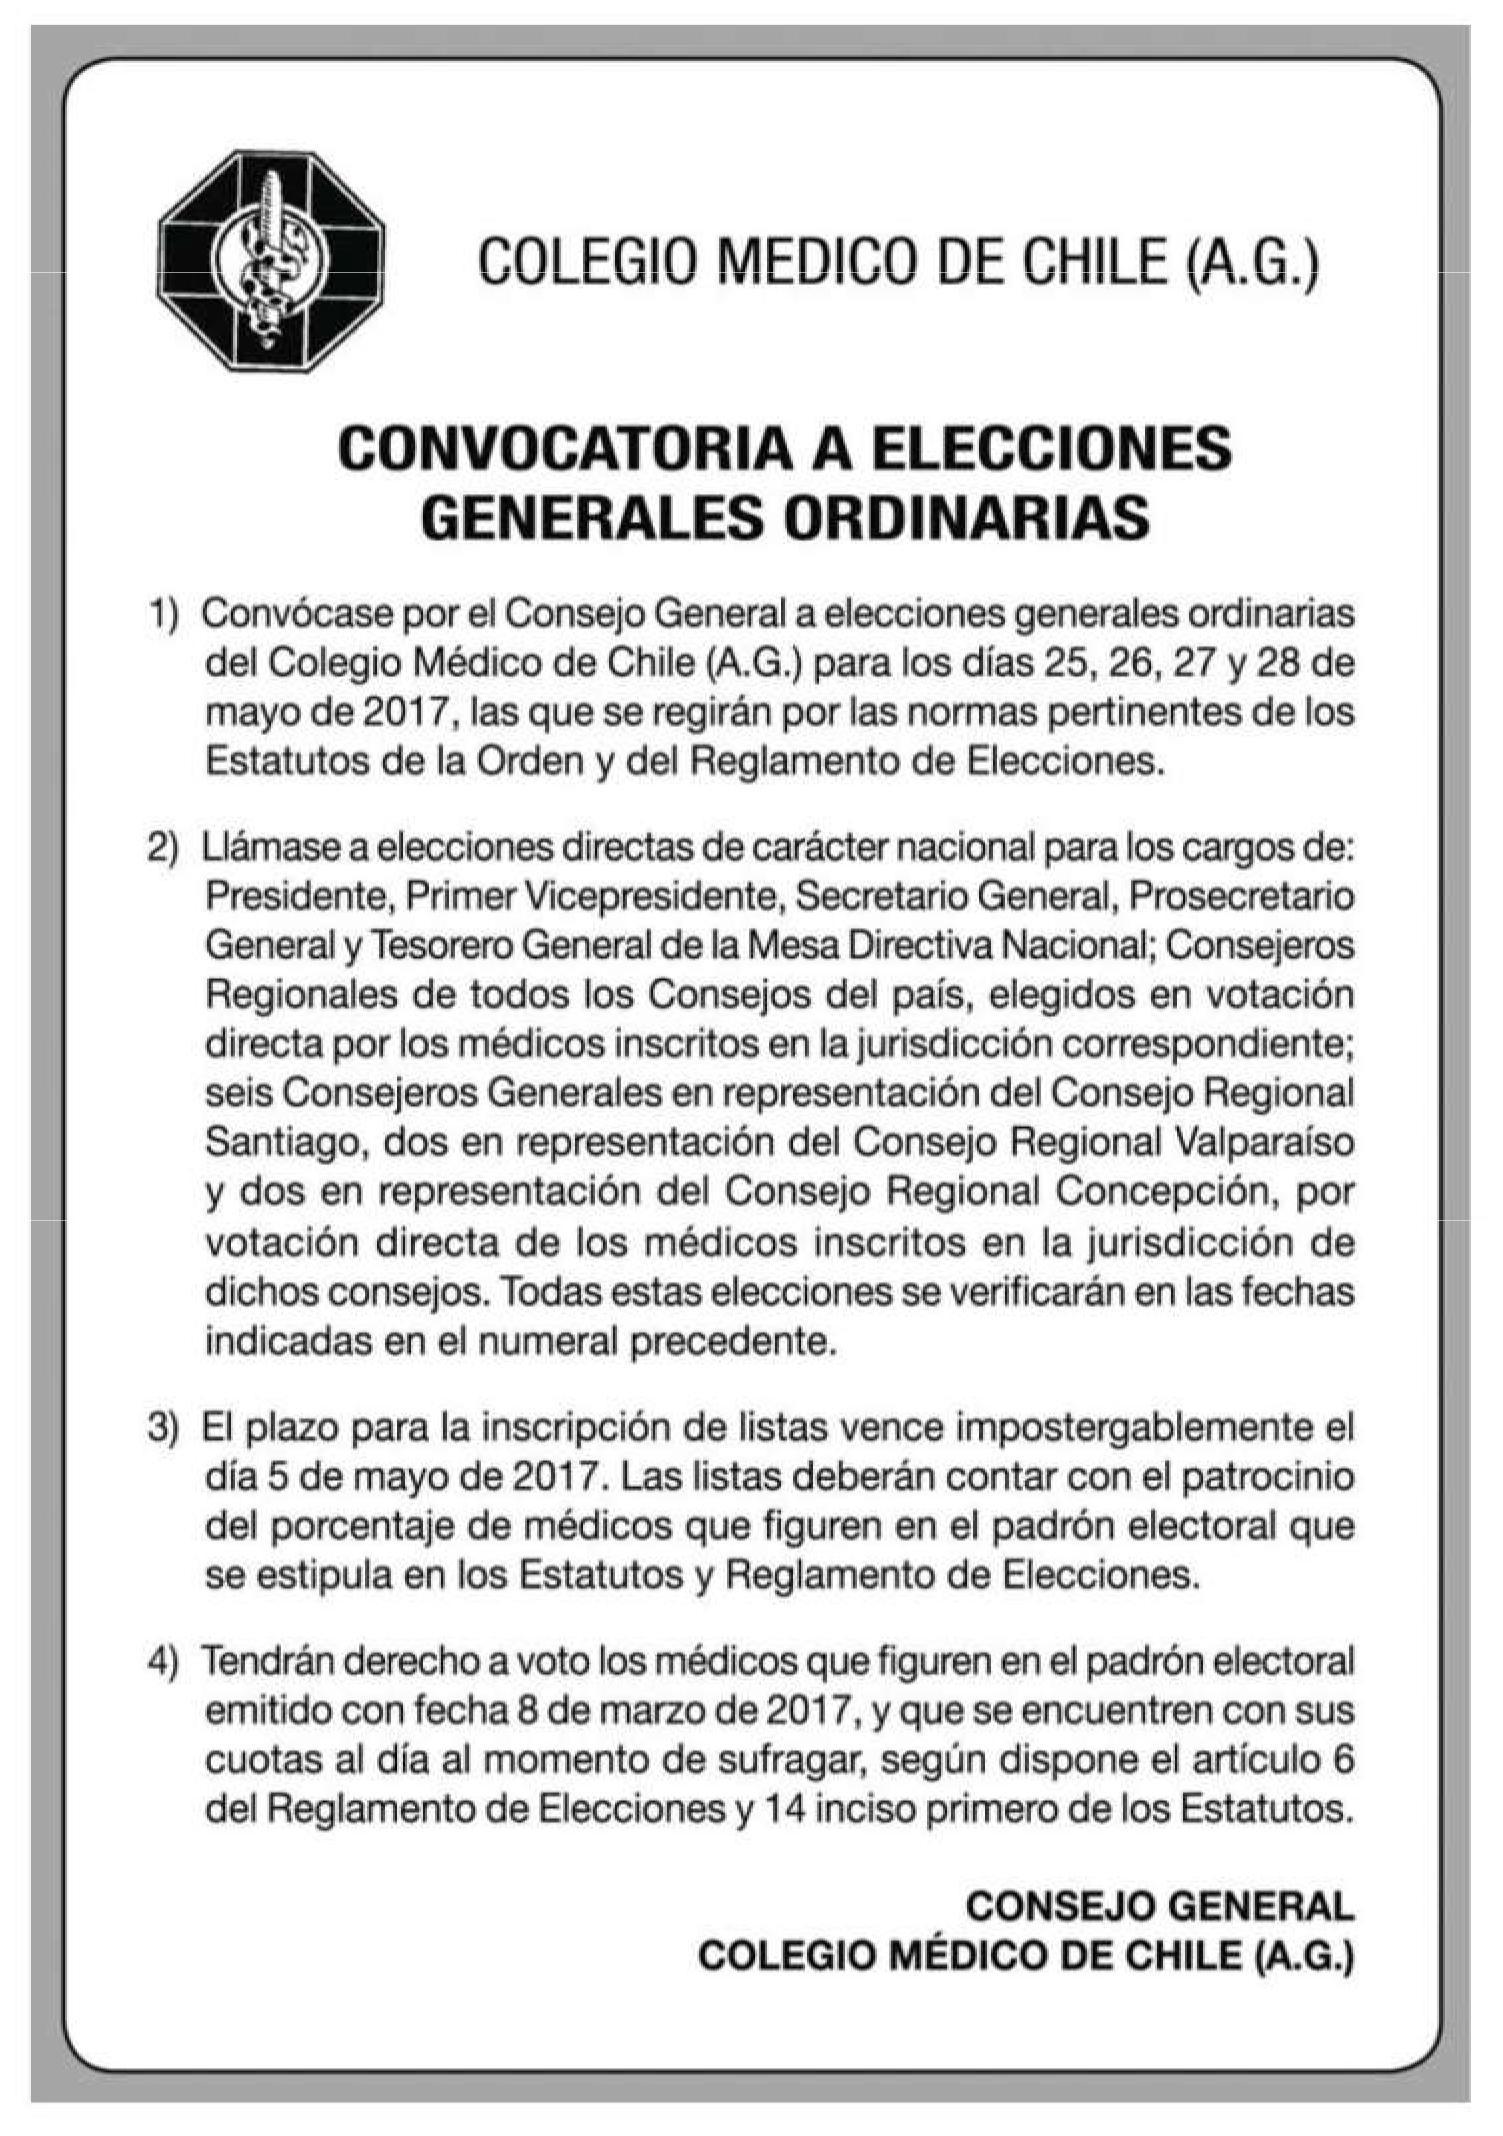 Publicación en el diario La Tercera 10 de Marzo 2017